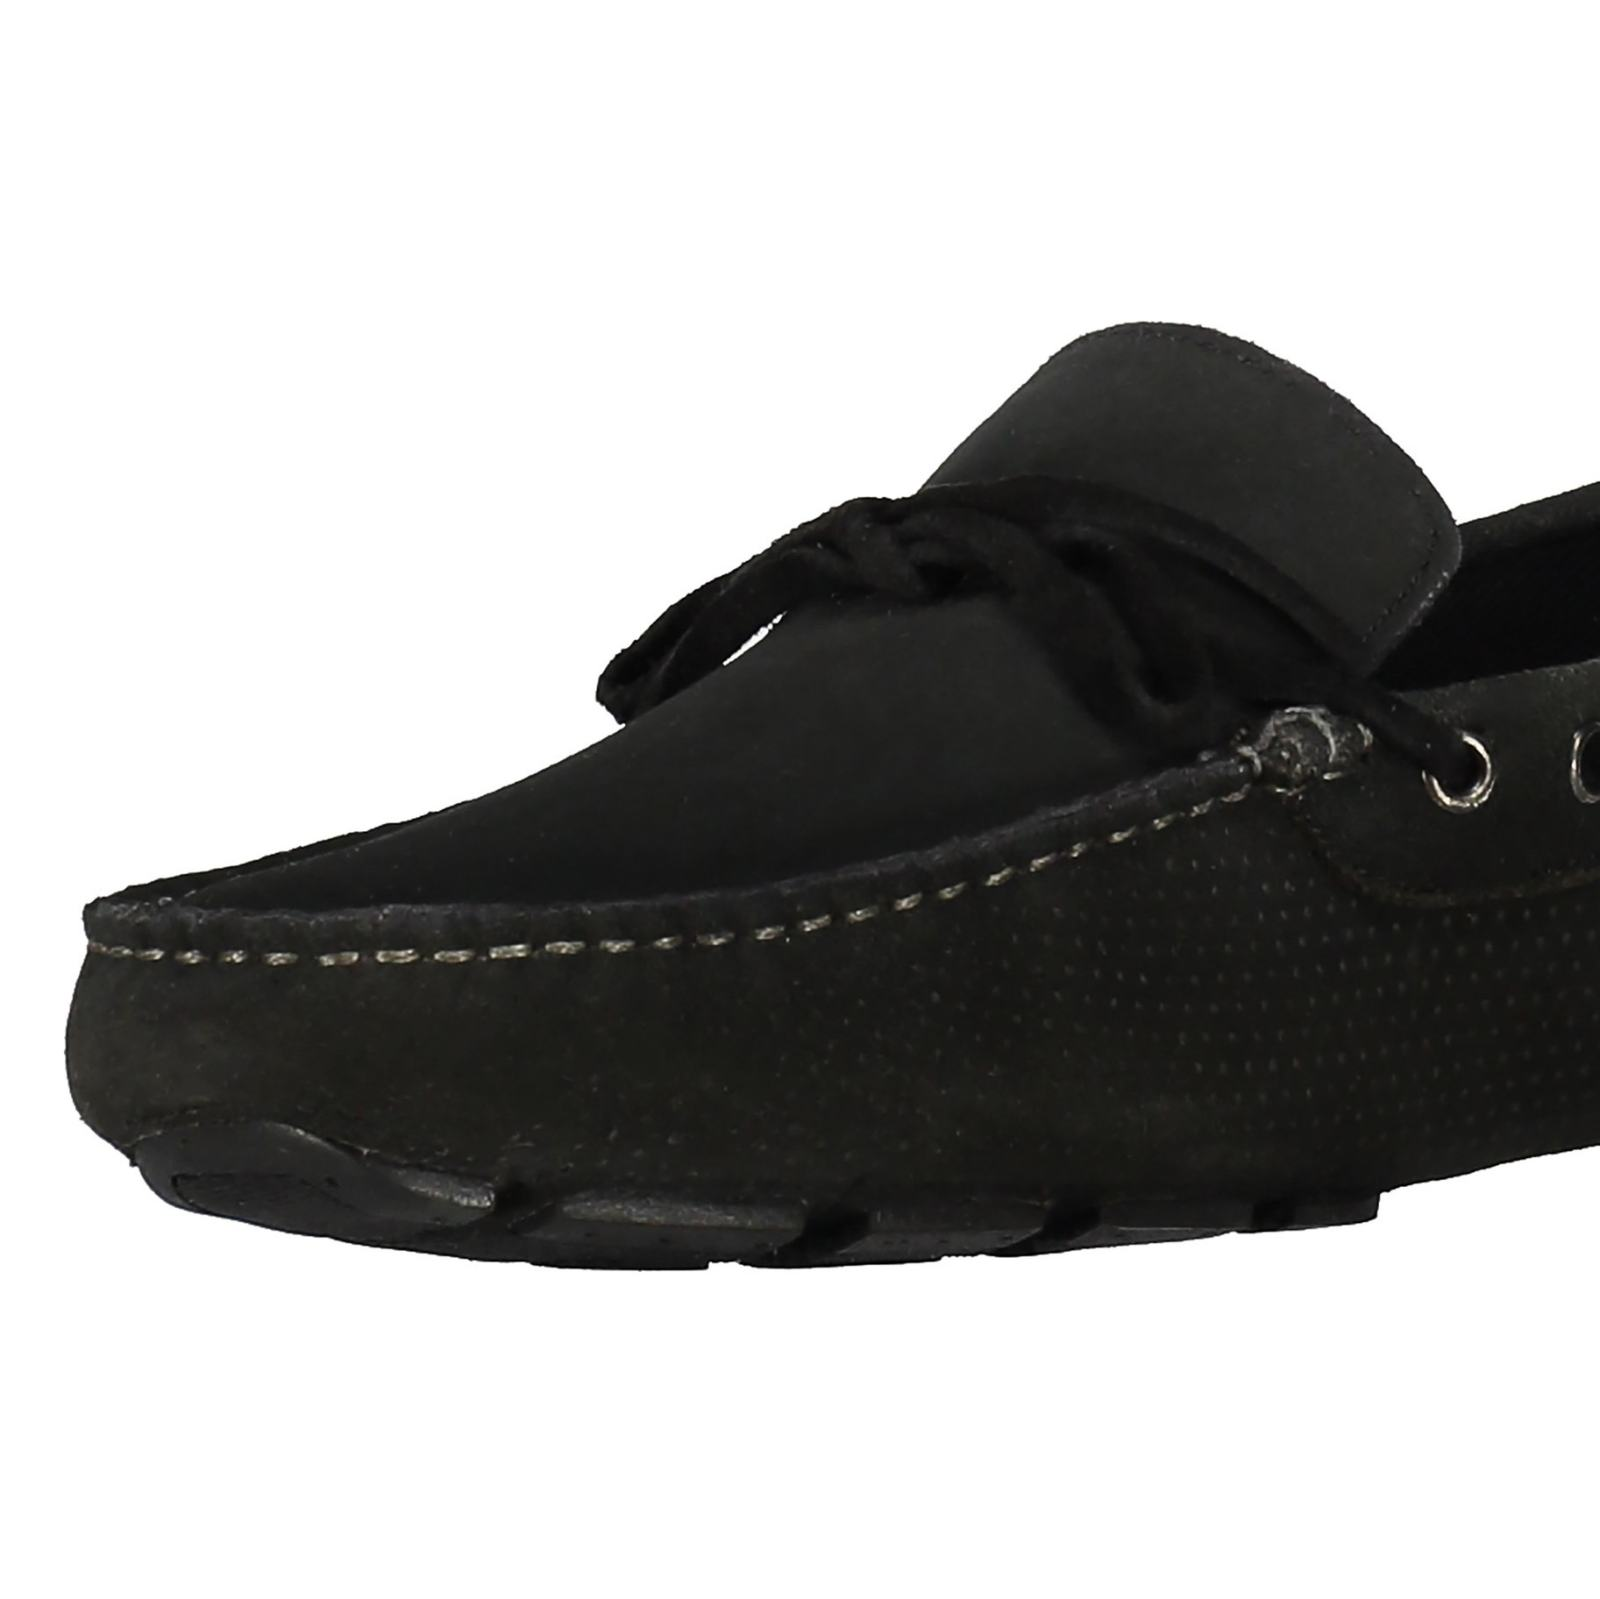 کفش راحتی چرم مردانه Driver - سوپردرای - زغالي - 6